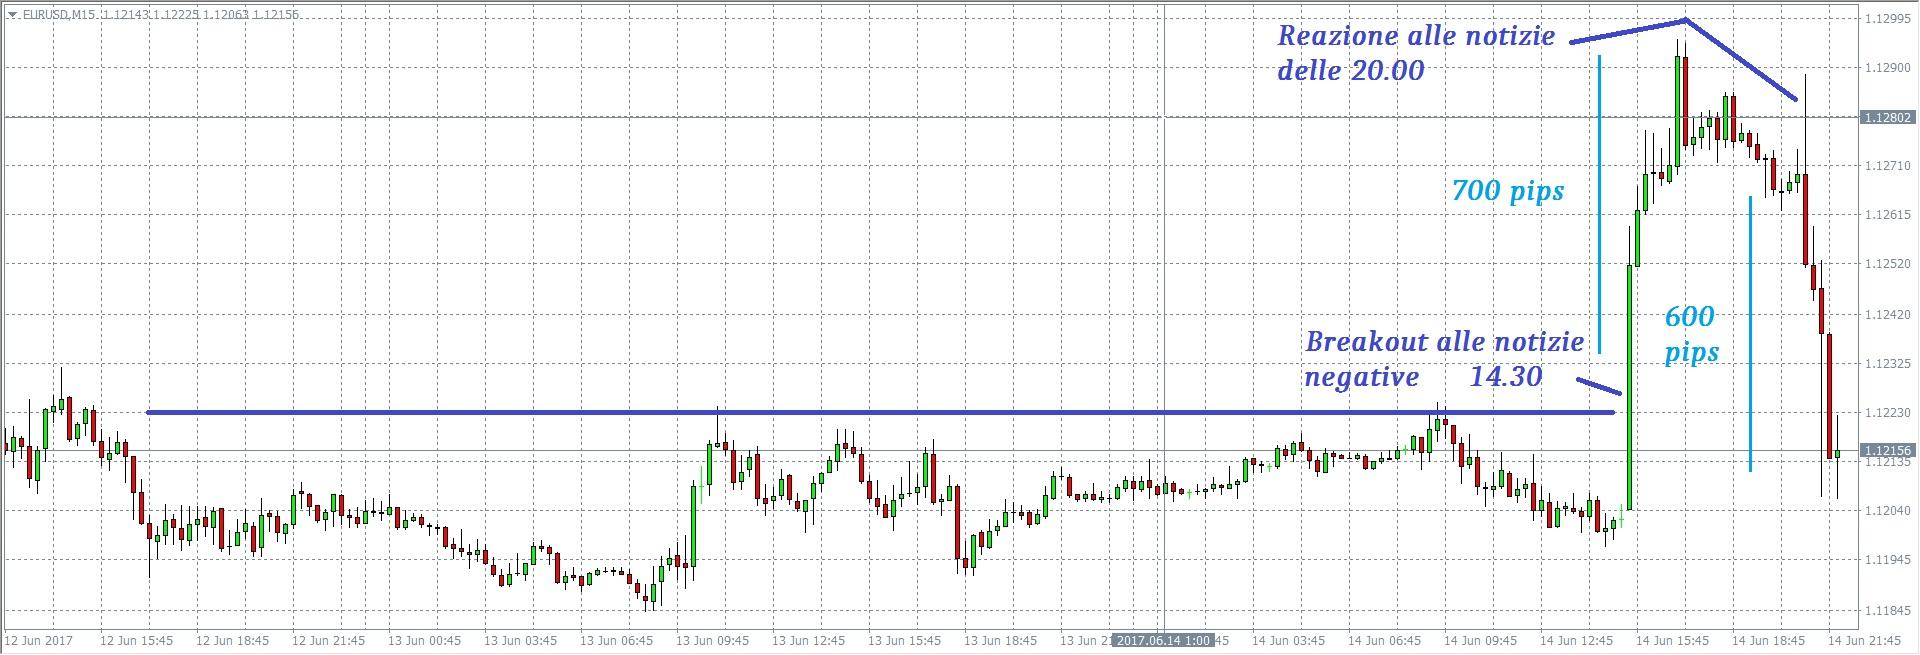 Eur/Usd Grafico analisi e operatività